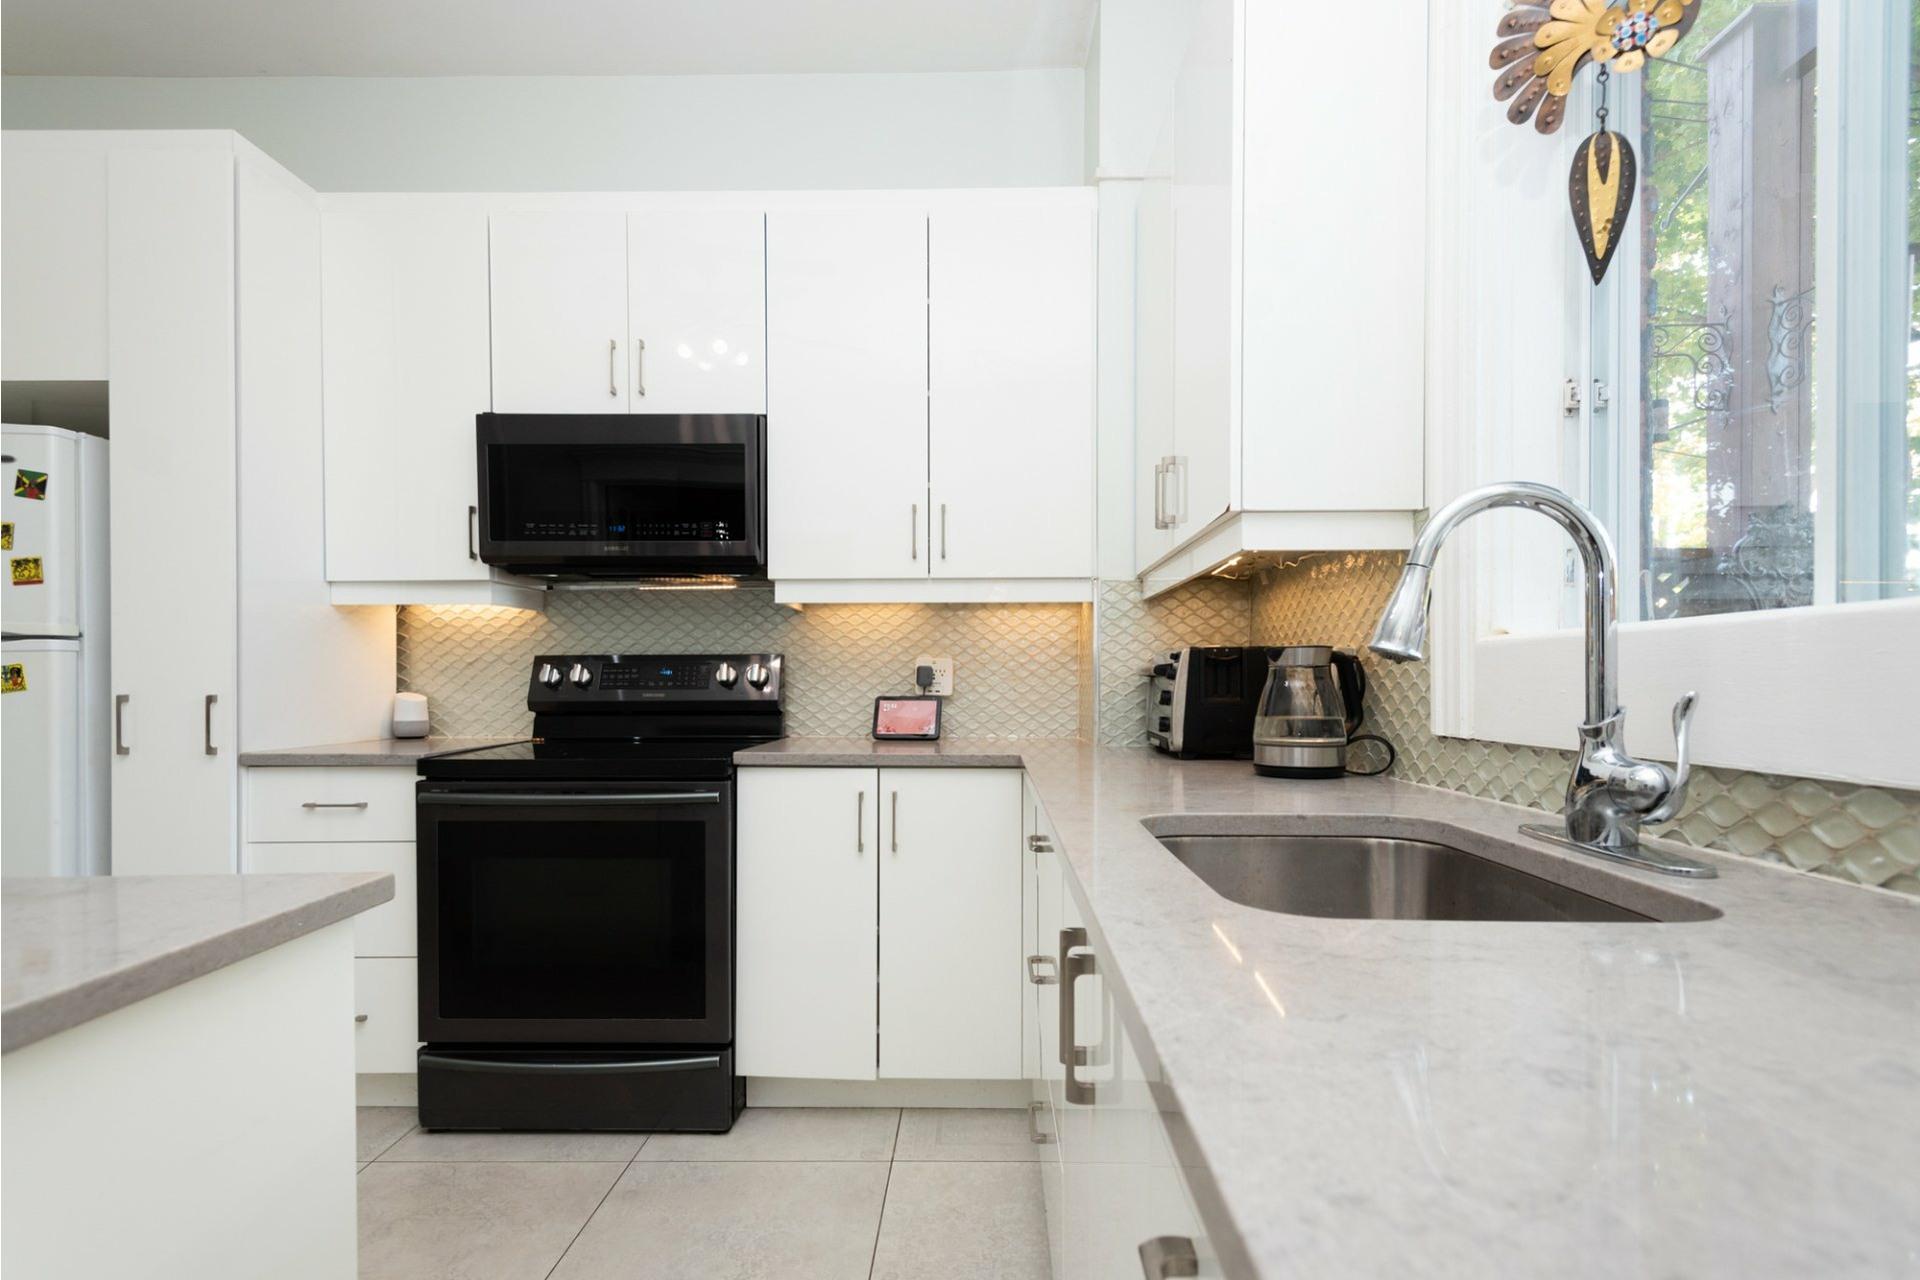 image 10 - Maison À vendre Côte-des-Neiges/Notre-Dame-de-Grâce Montréal  - 8 pièces